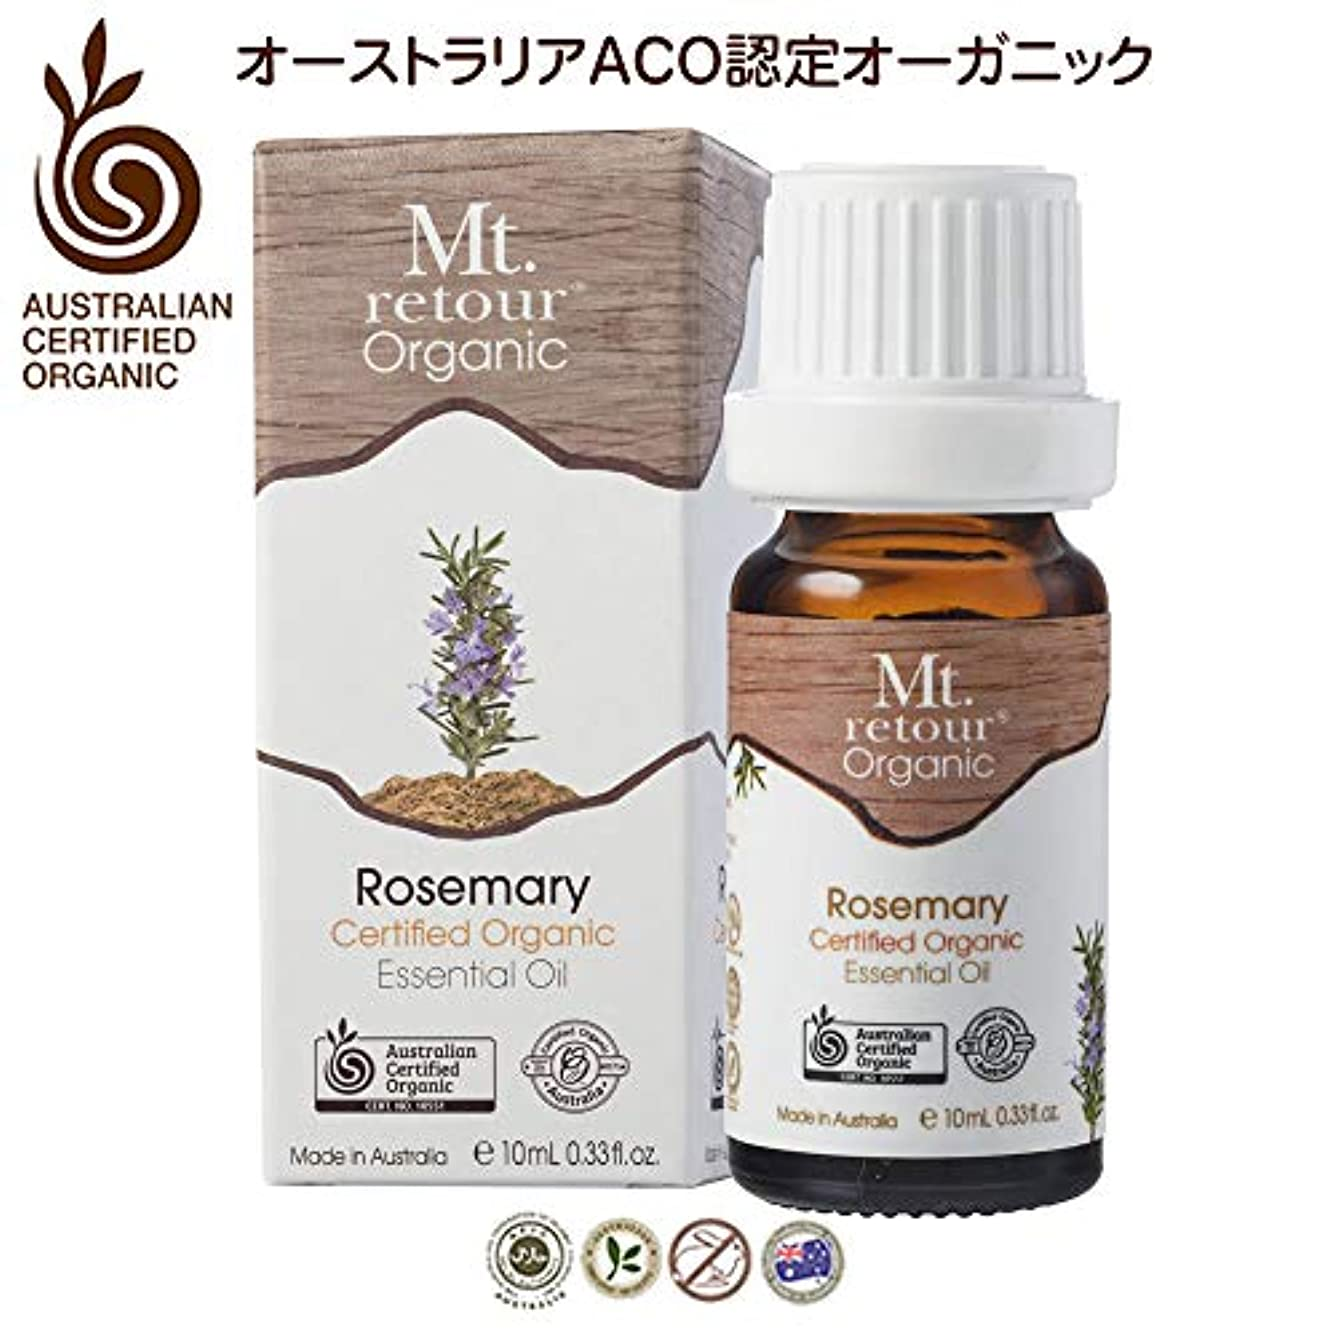 まもなくメキシコ疾患Mt. retour ACO認定オーガニック ローズマリー 10ml エッセンシャルオイル(無農薬有機)アロマ